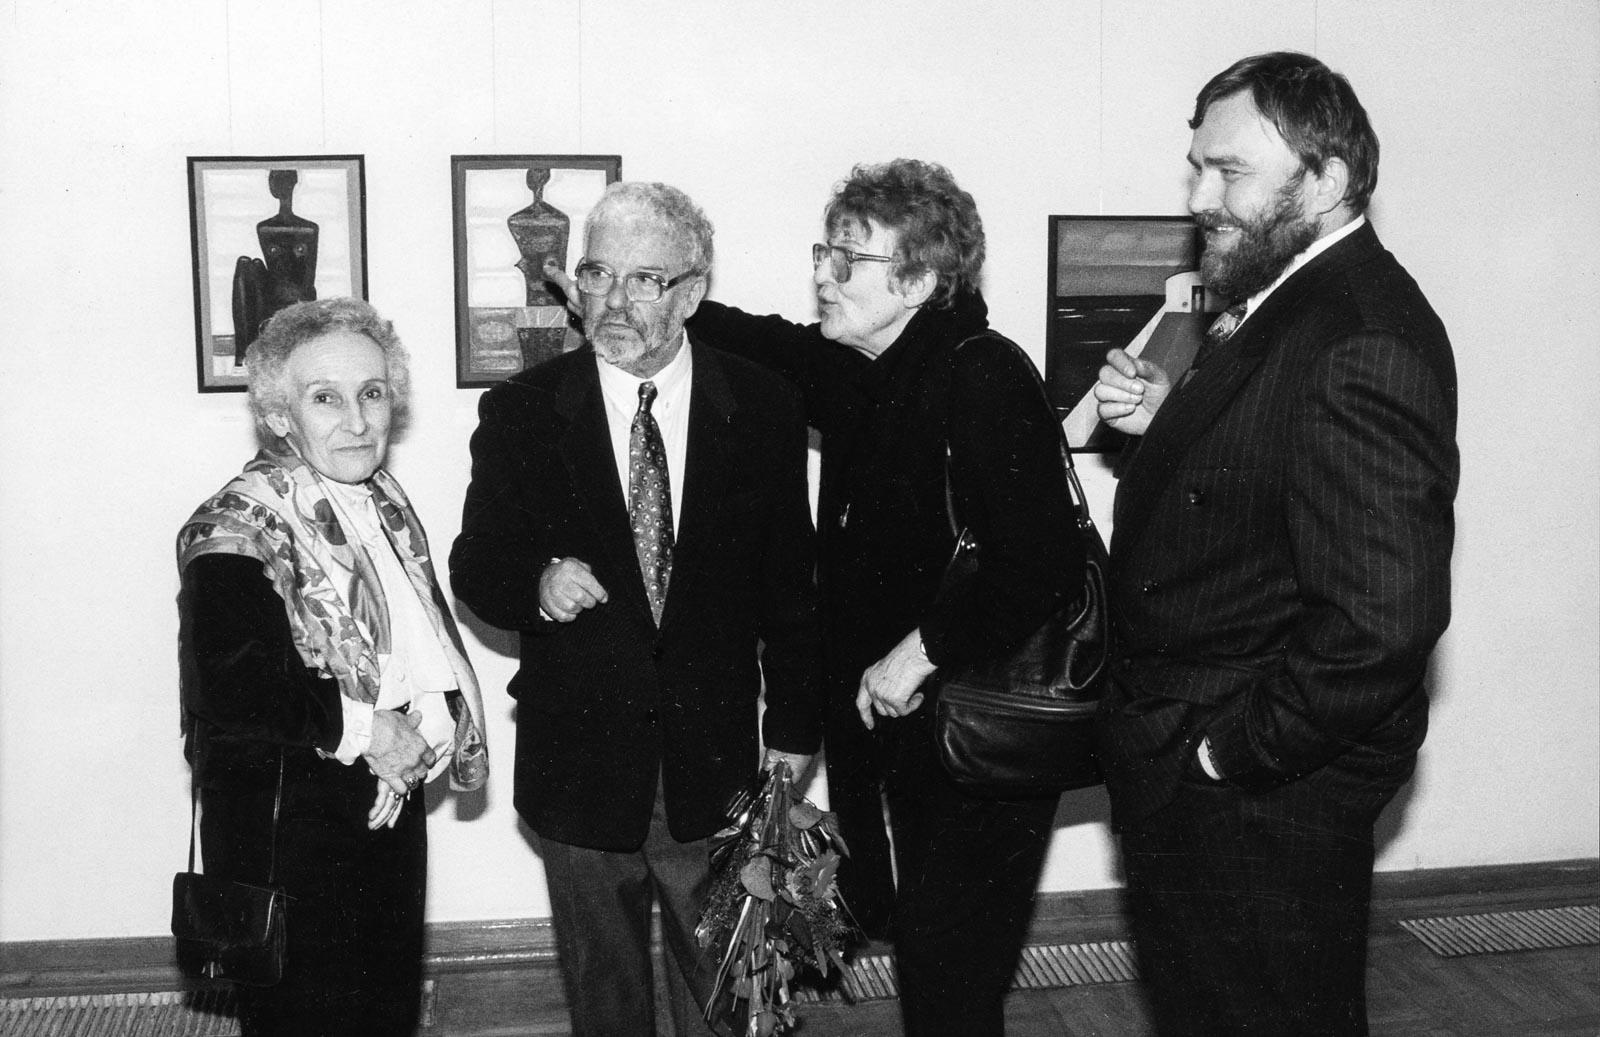 Na otwarciu wystawy w BWA w Krakowie, 1994